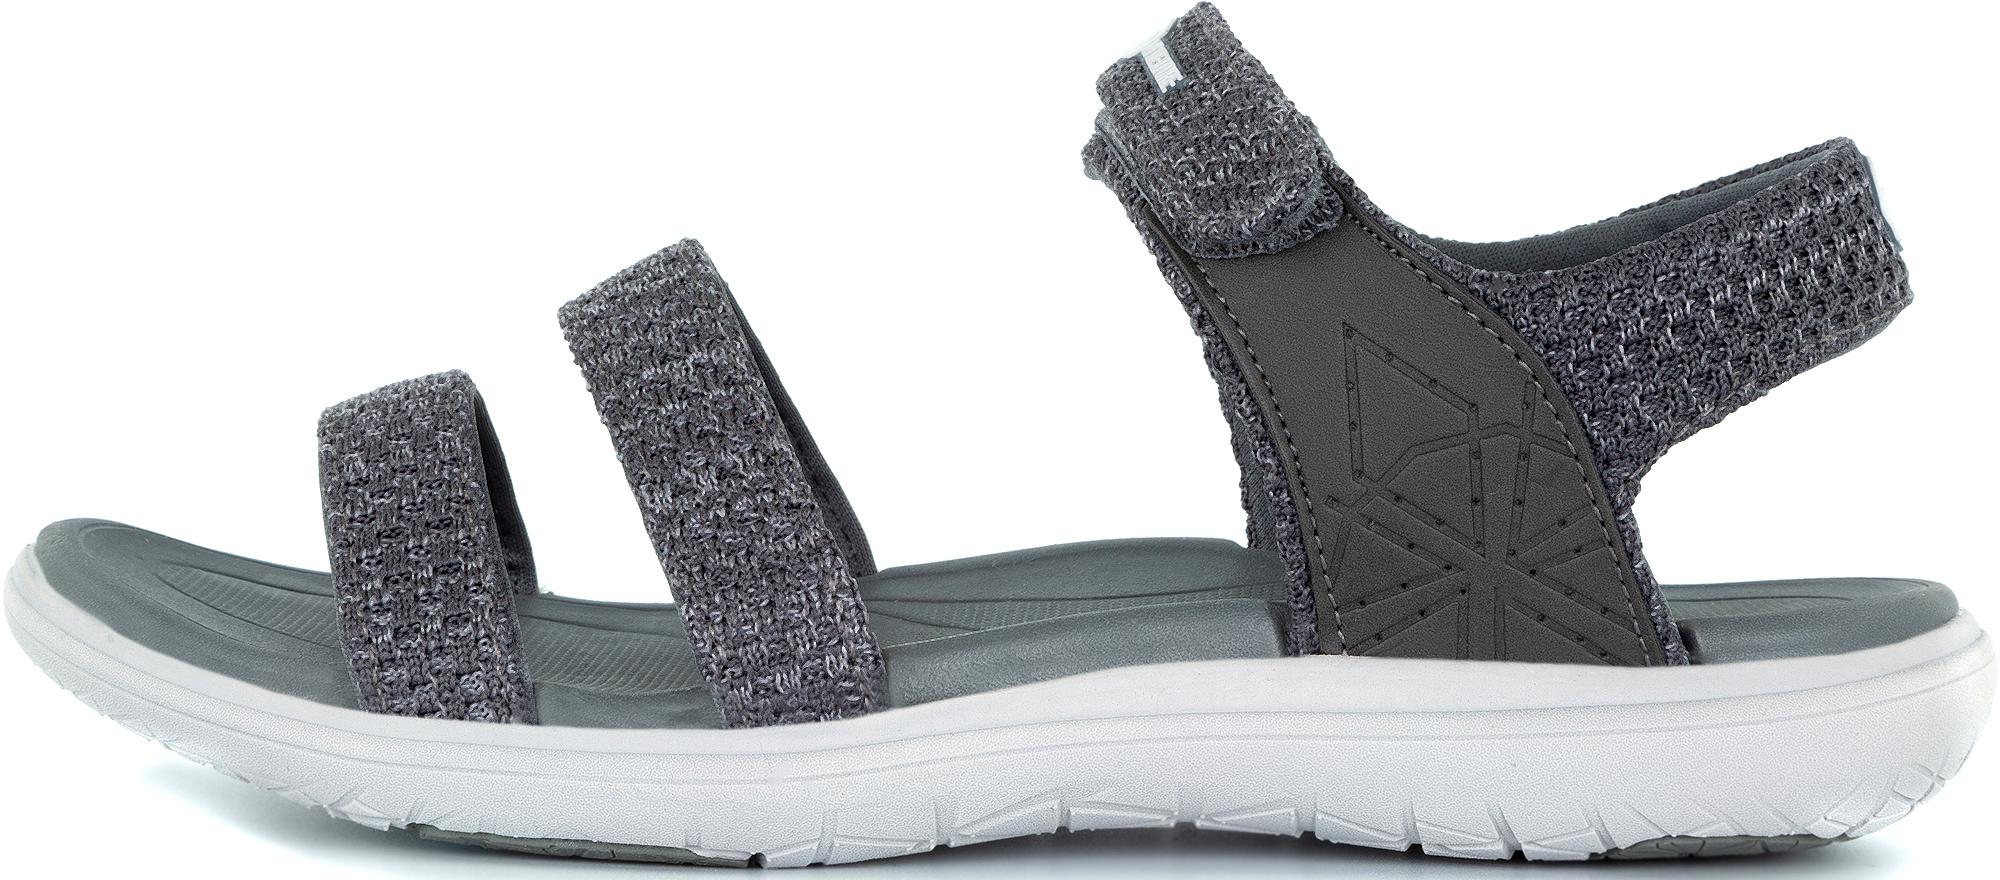 Outventure Сандалии женские Outventure Venera Knit, размер 40 туфли женские spur цвет серый ax024 01 15 pk размер 40